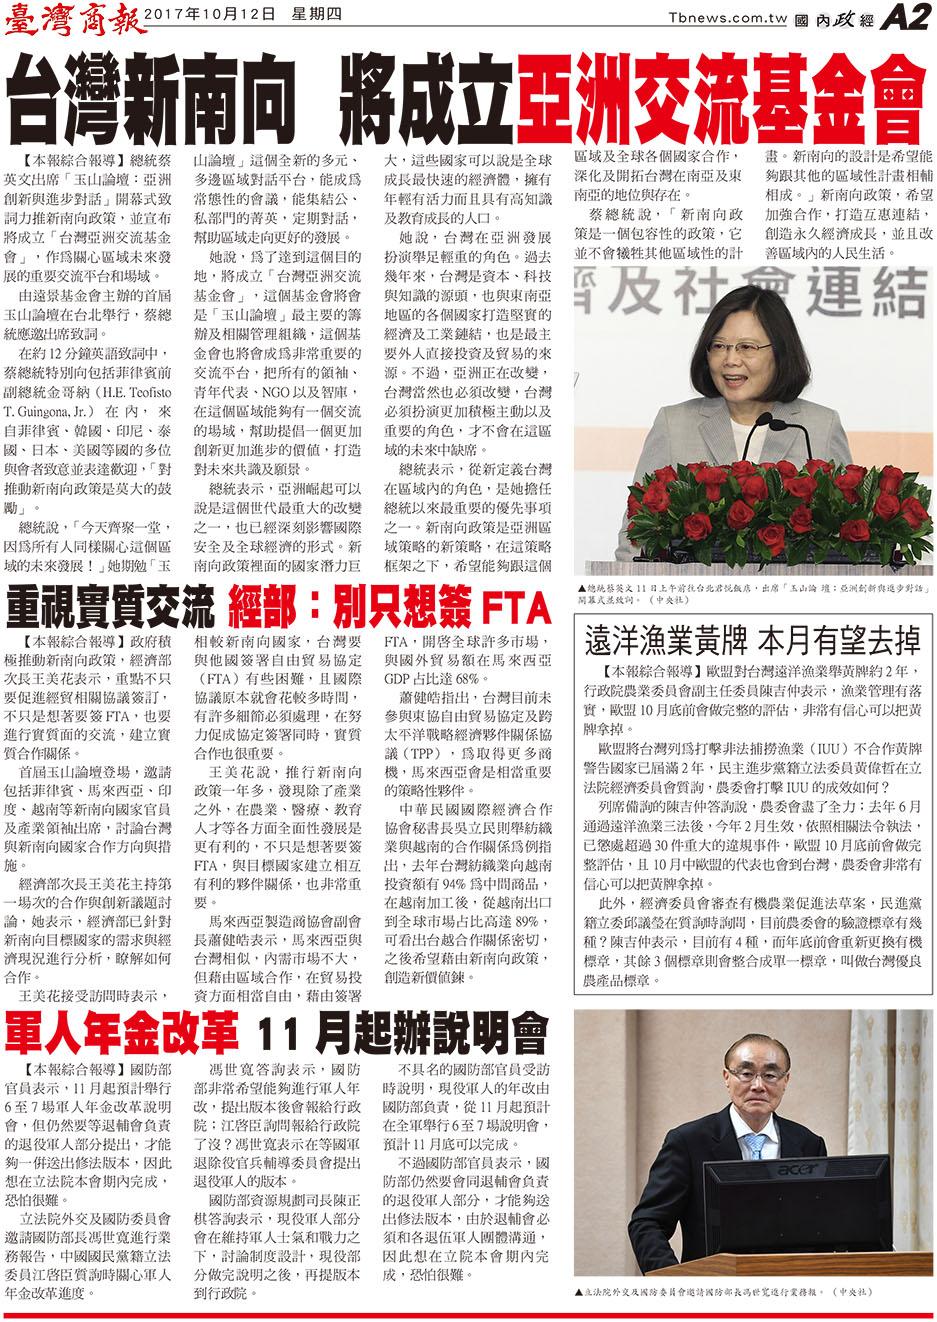 台灣新南向 將成立亞洲交流基金會